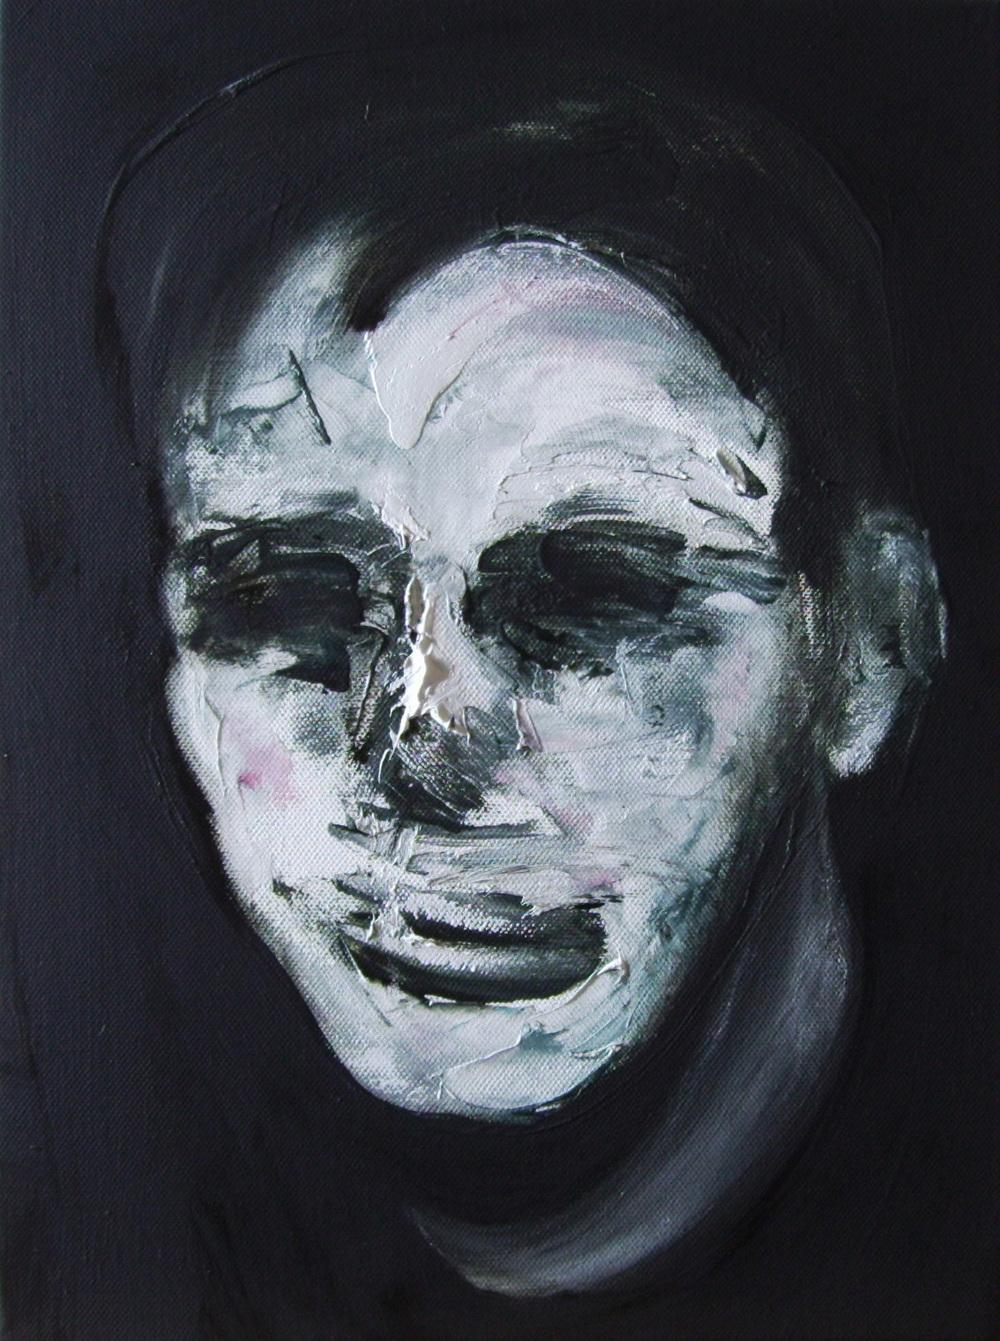 Lorenzo Puglisi   Ritratto CXIV  (2011) olio su tela  40 x 30 cm